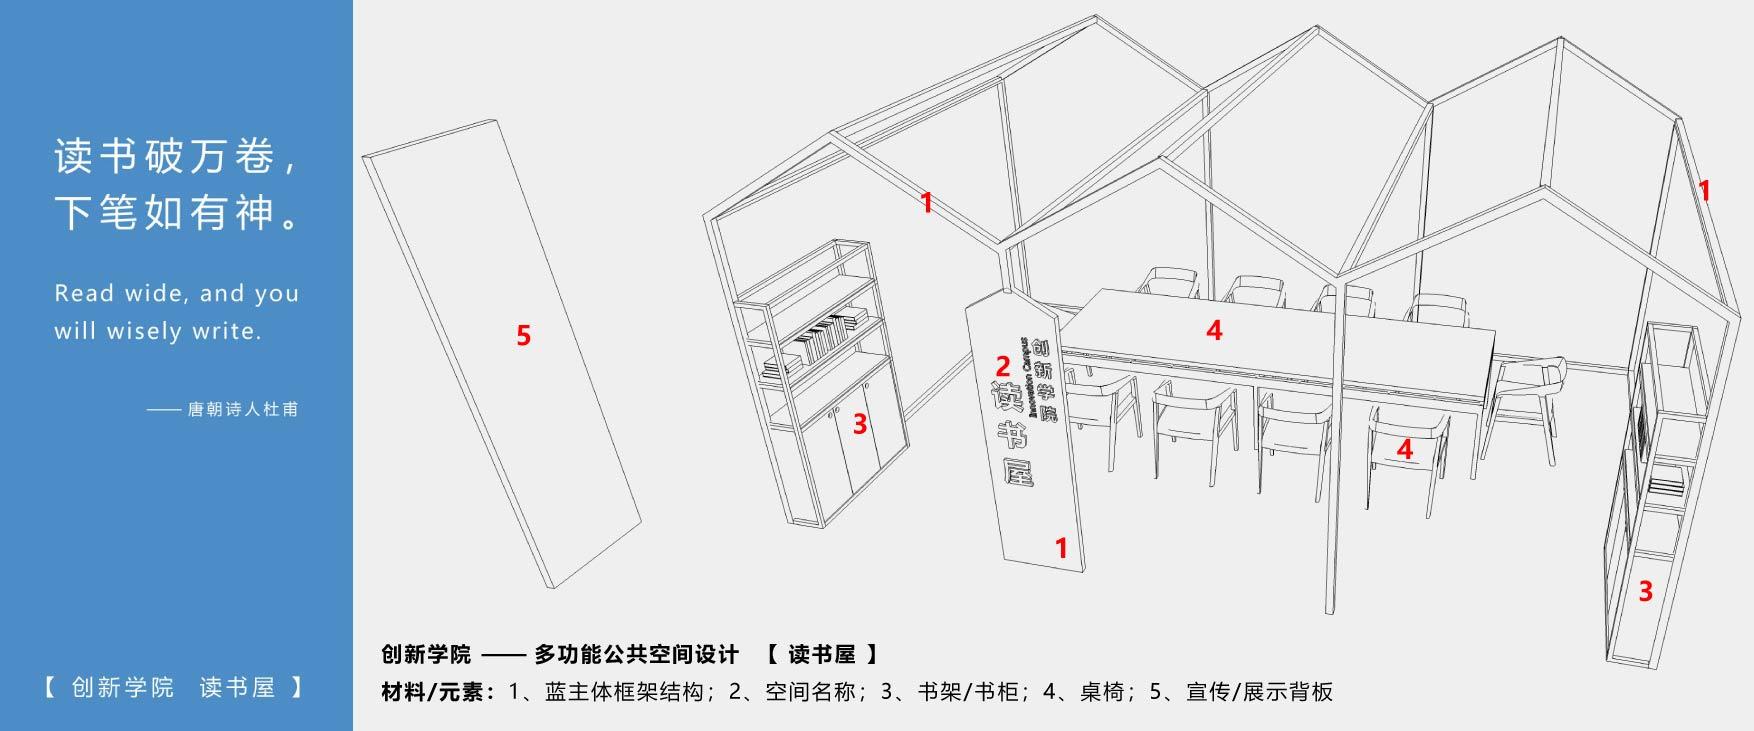 上海校园文化建设